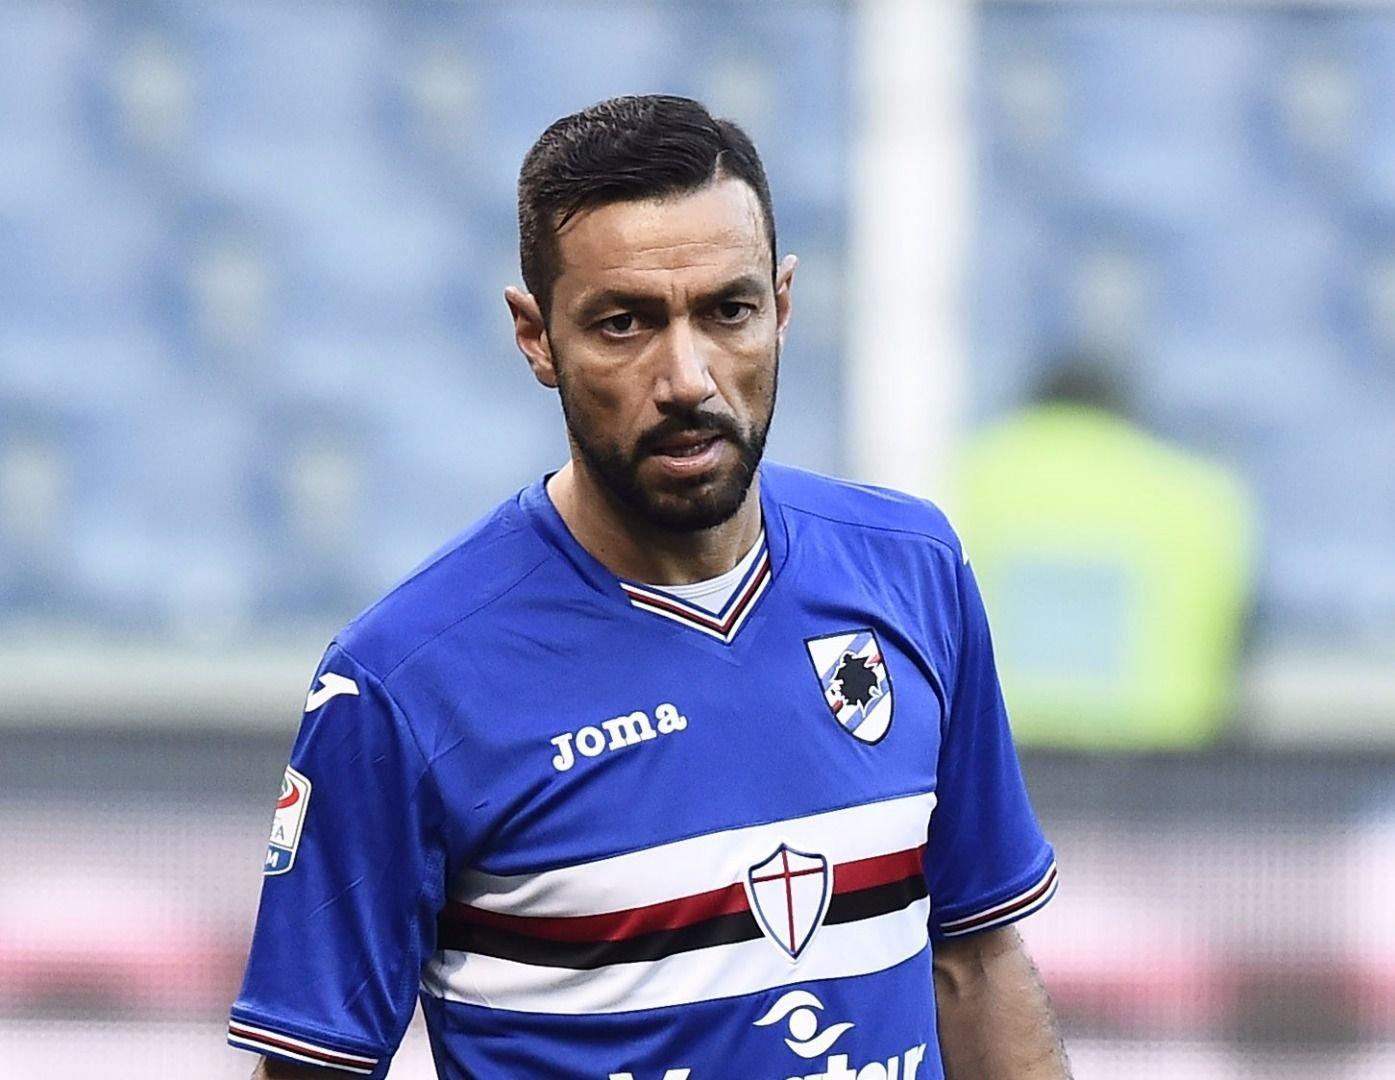 Sampdoria-Napoli 3-0: doppio Defrel e Quagliarella condannano Ancelotti alla prima sconfitta